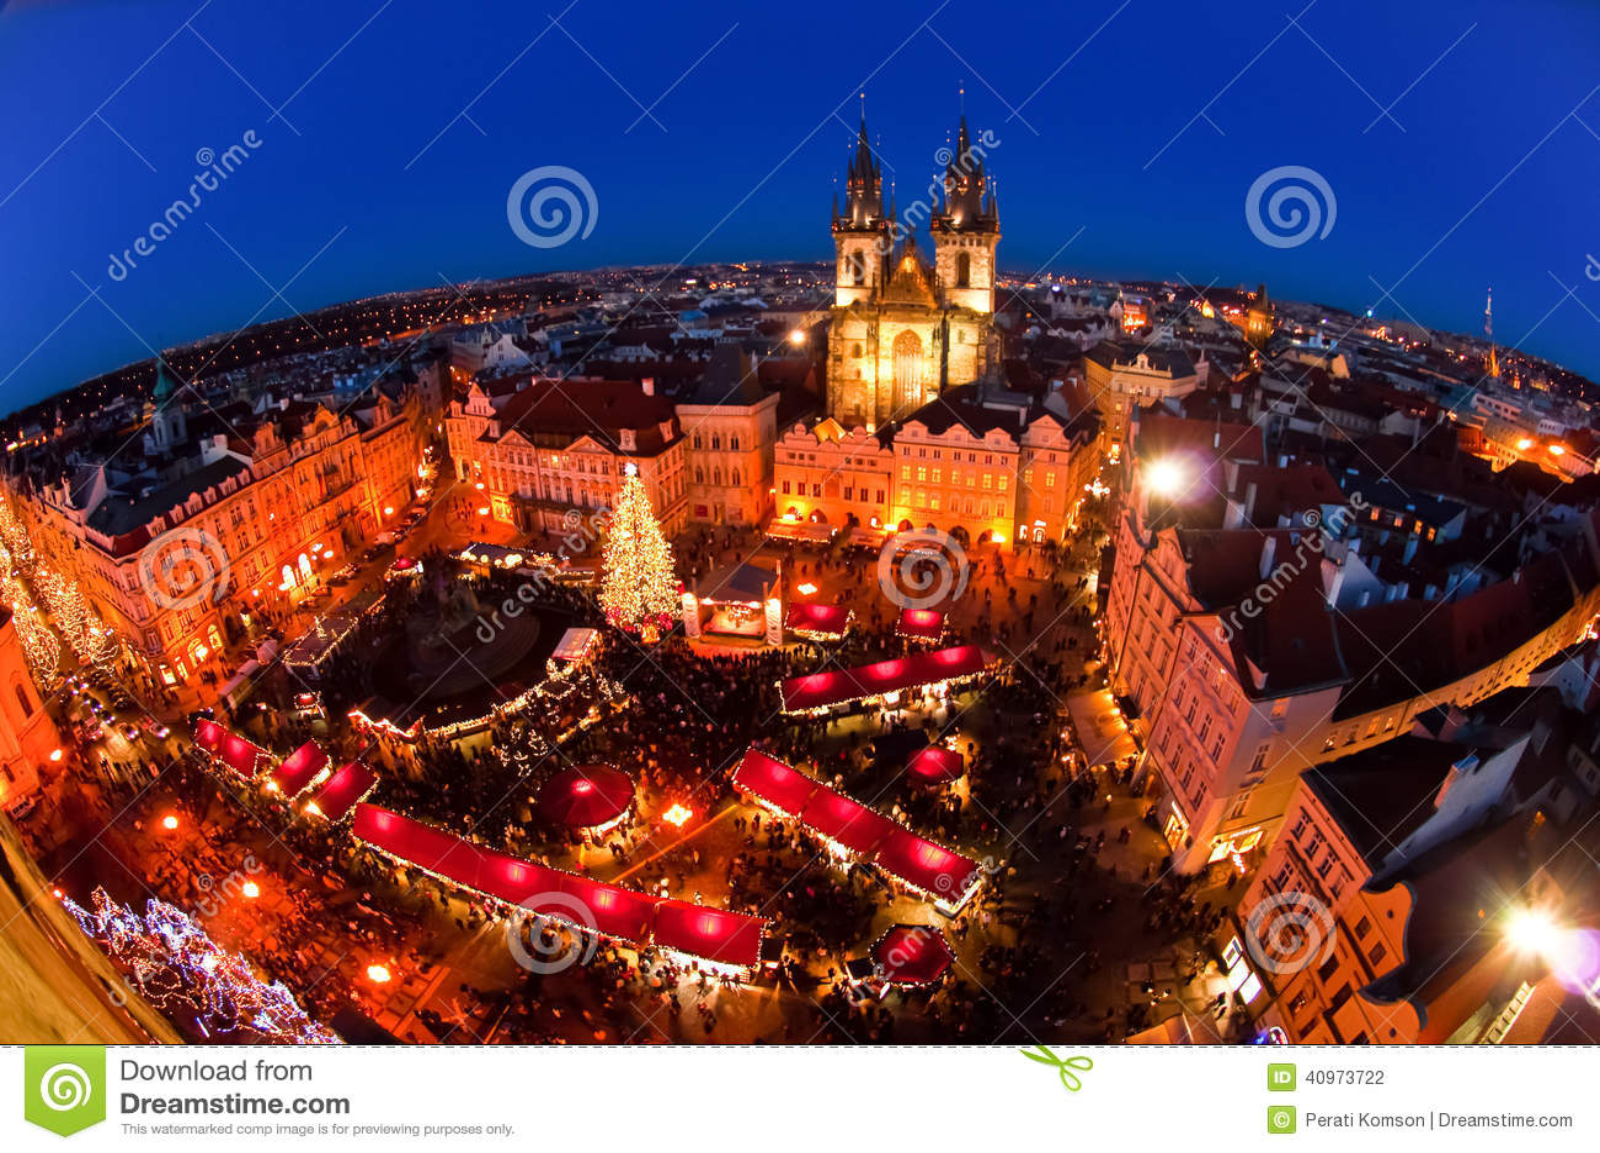 weihnachtsmarkt in prag tschechische republik stockfoto. Black Bedroom Furniture Sets. Home Design Ideas